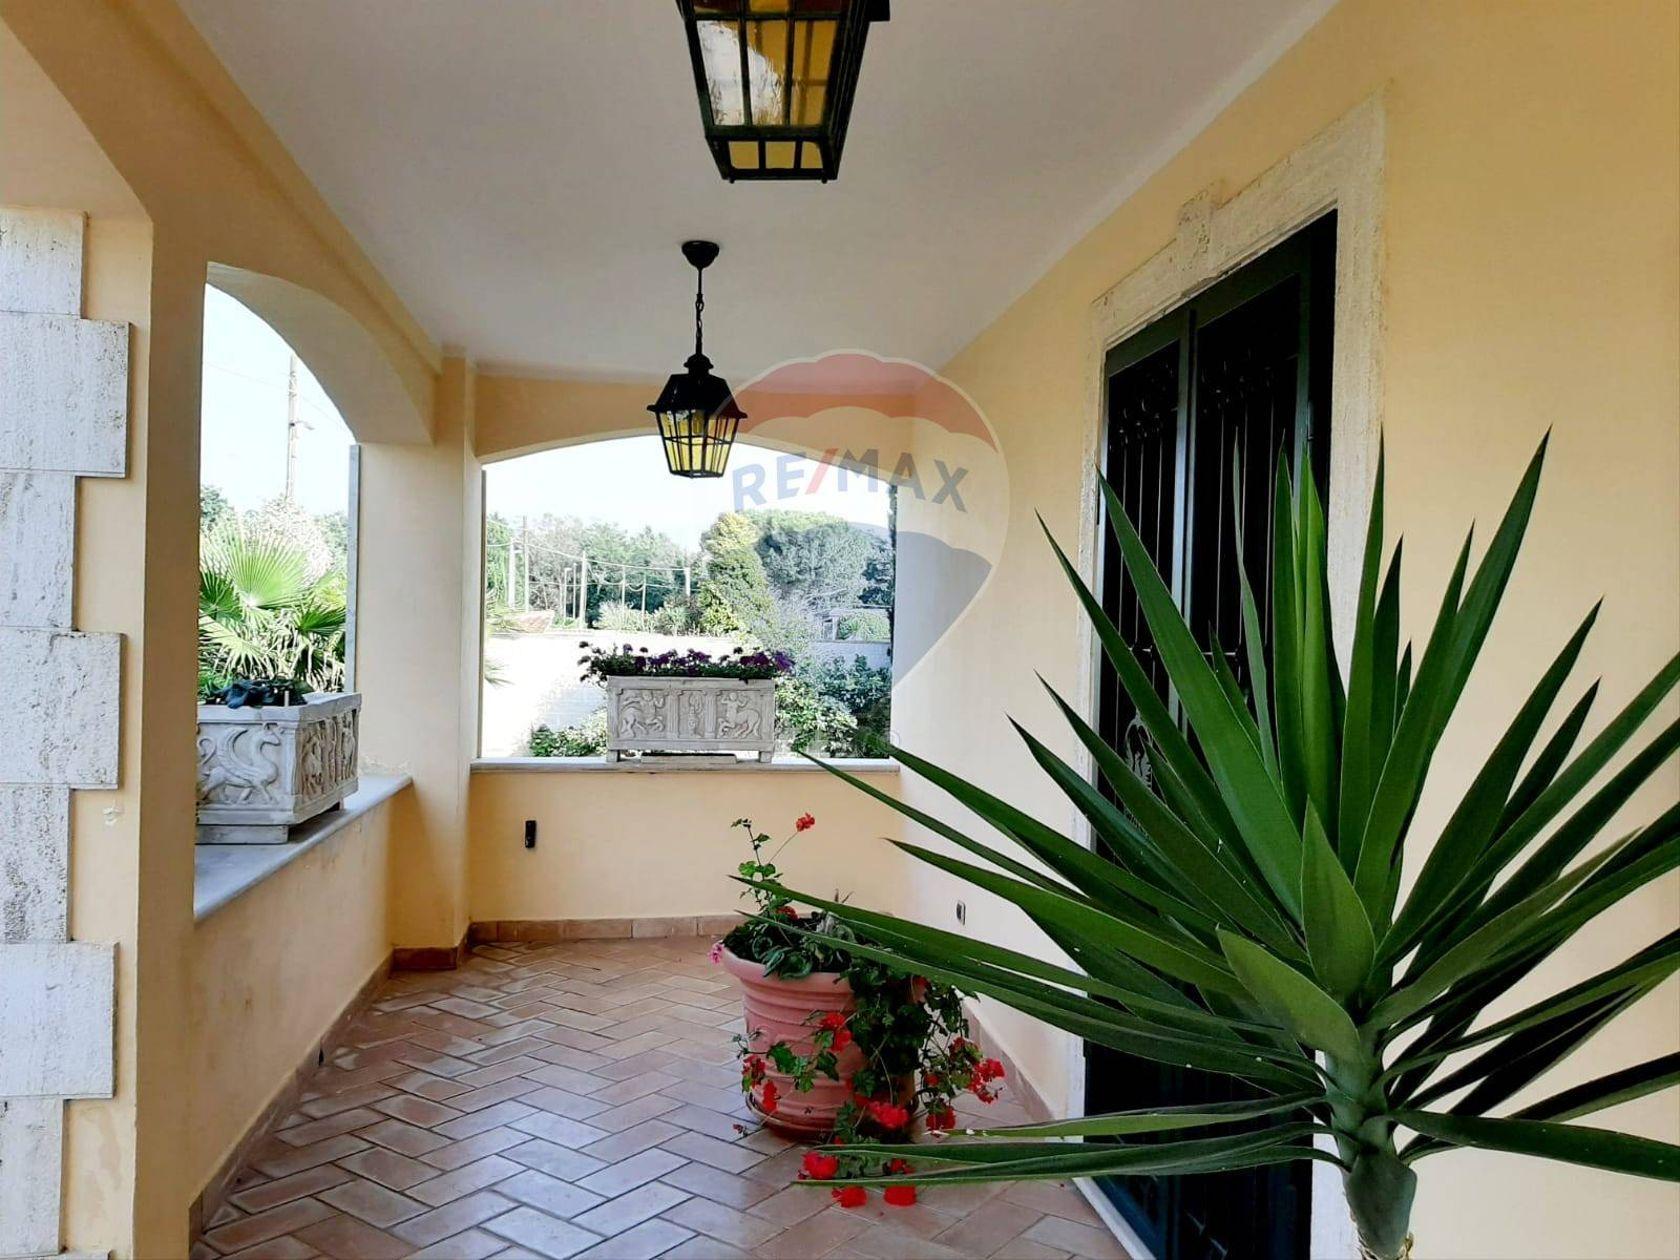 Villa singola Lido dei Pini, Anzio, RM Vendita - Foto 7